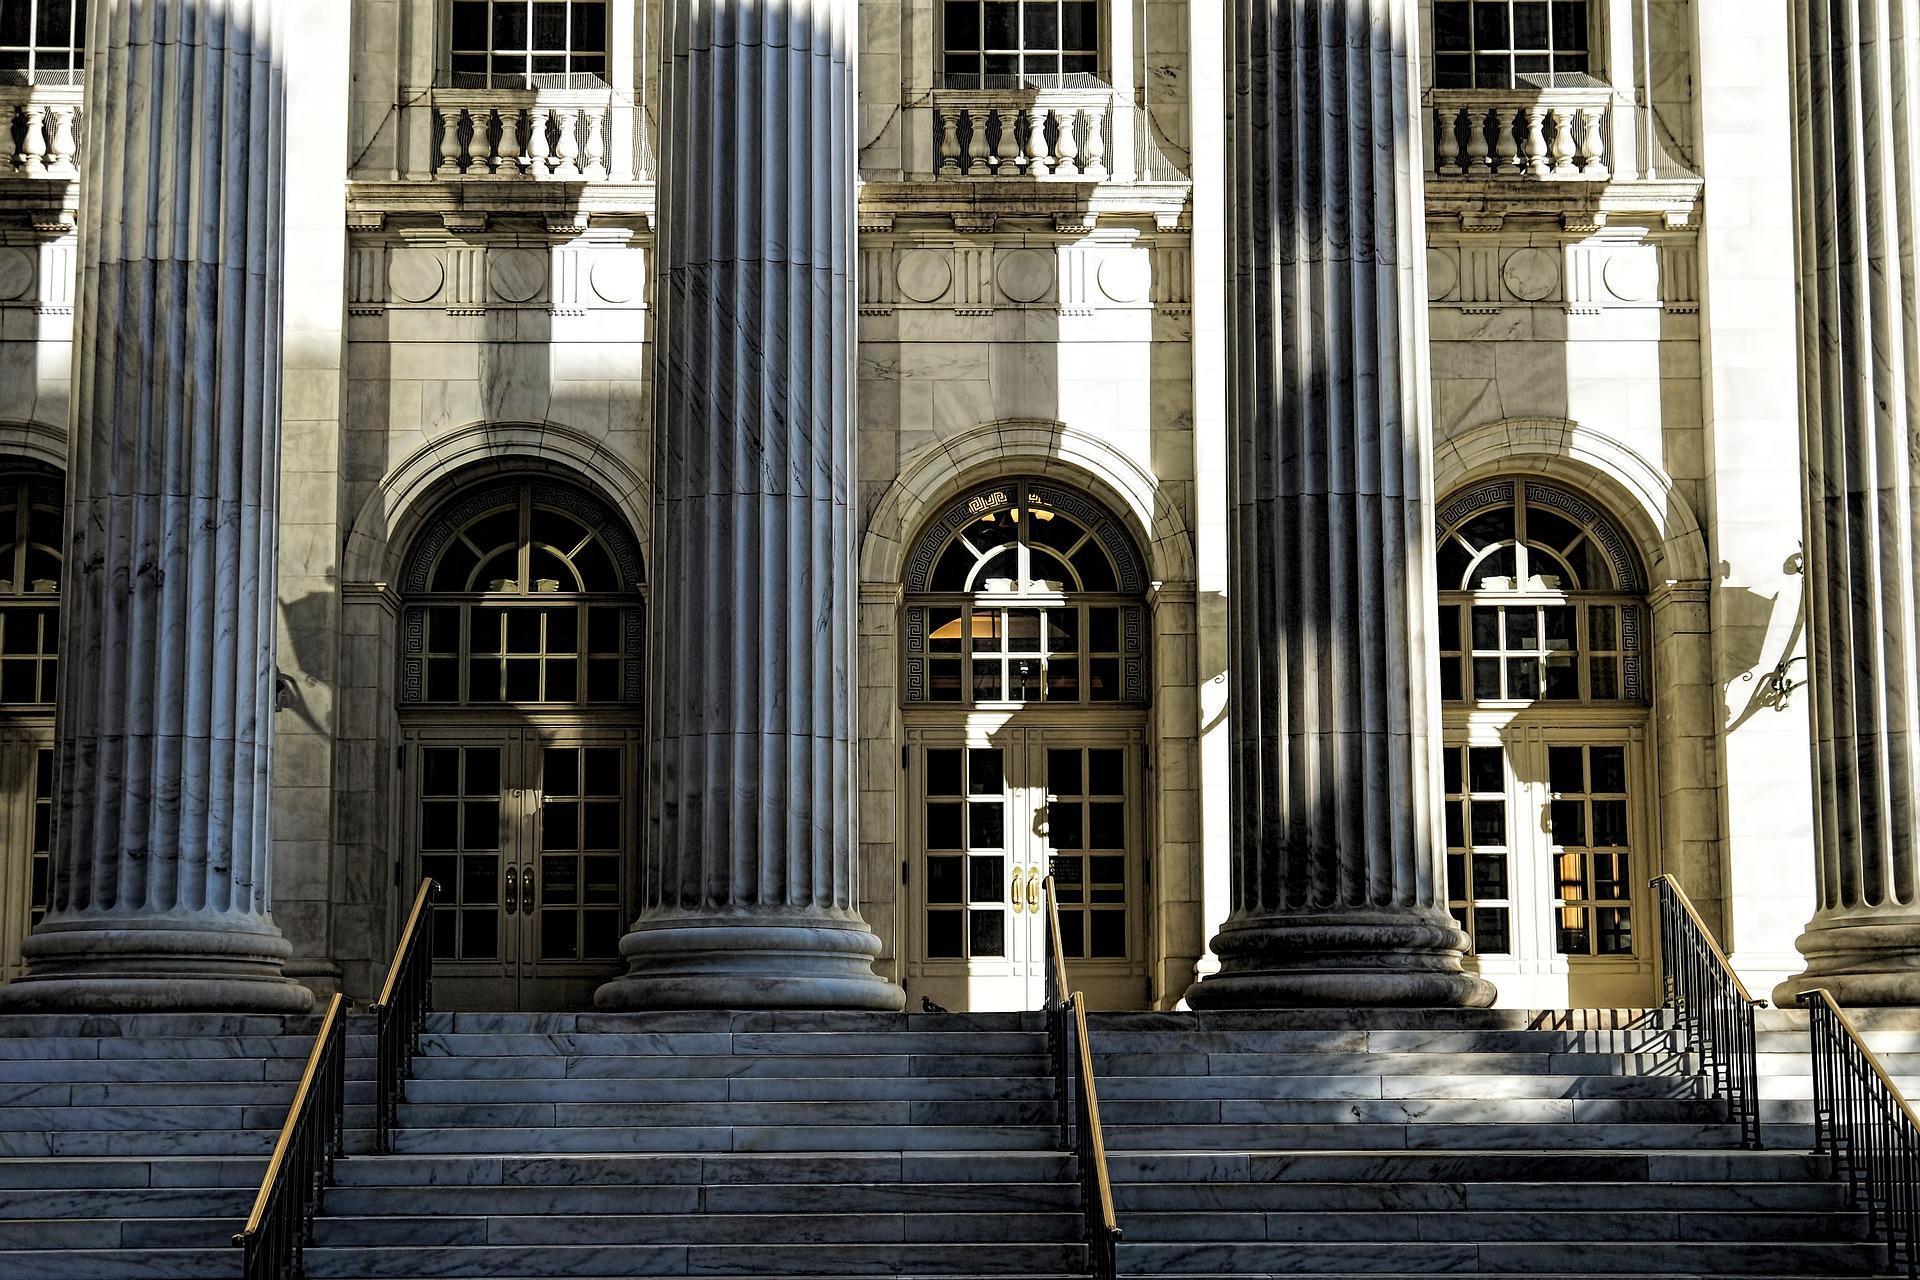 Das falsche Rechtsmittel - und die Wiedereinsetzung